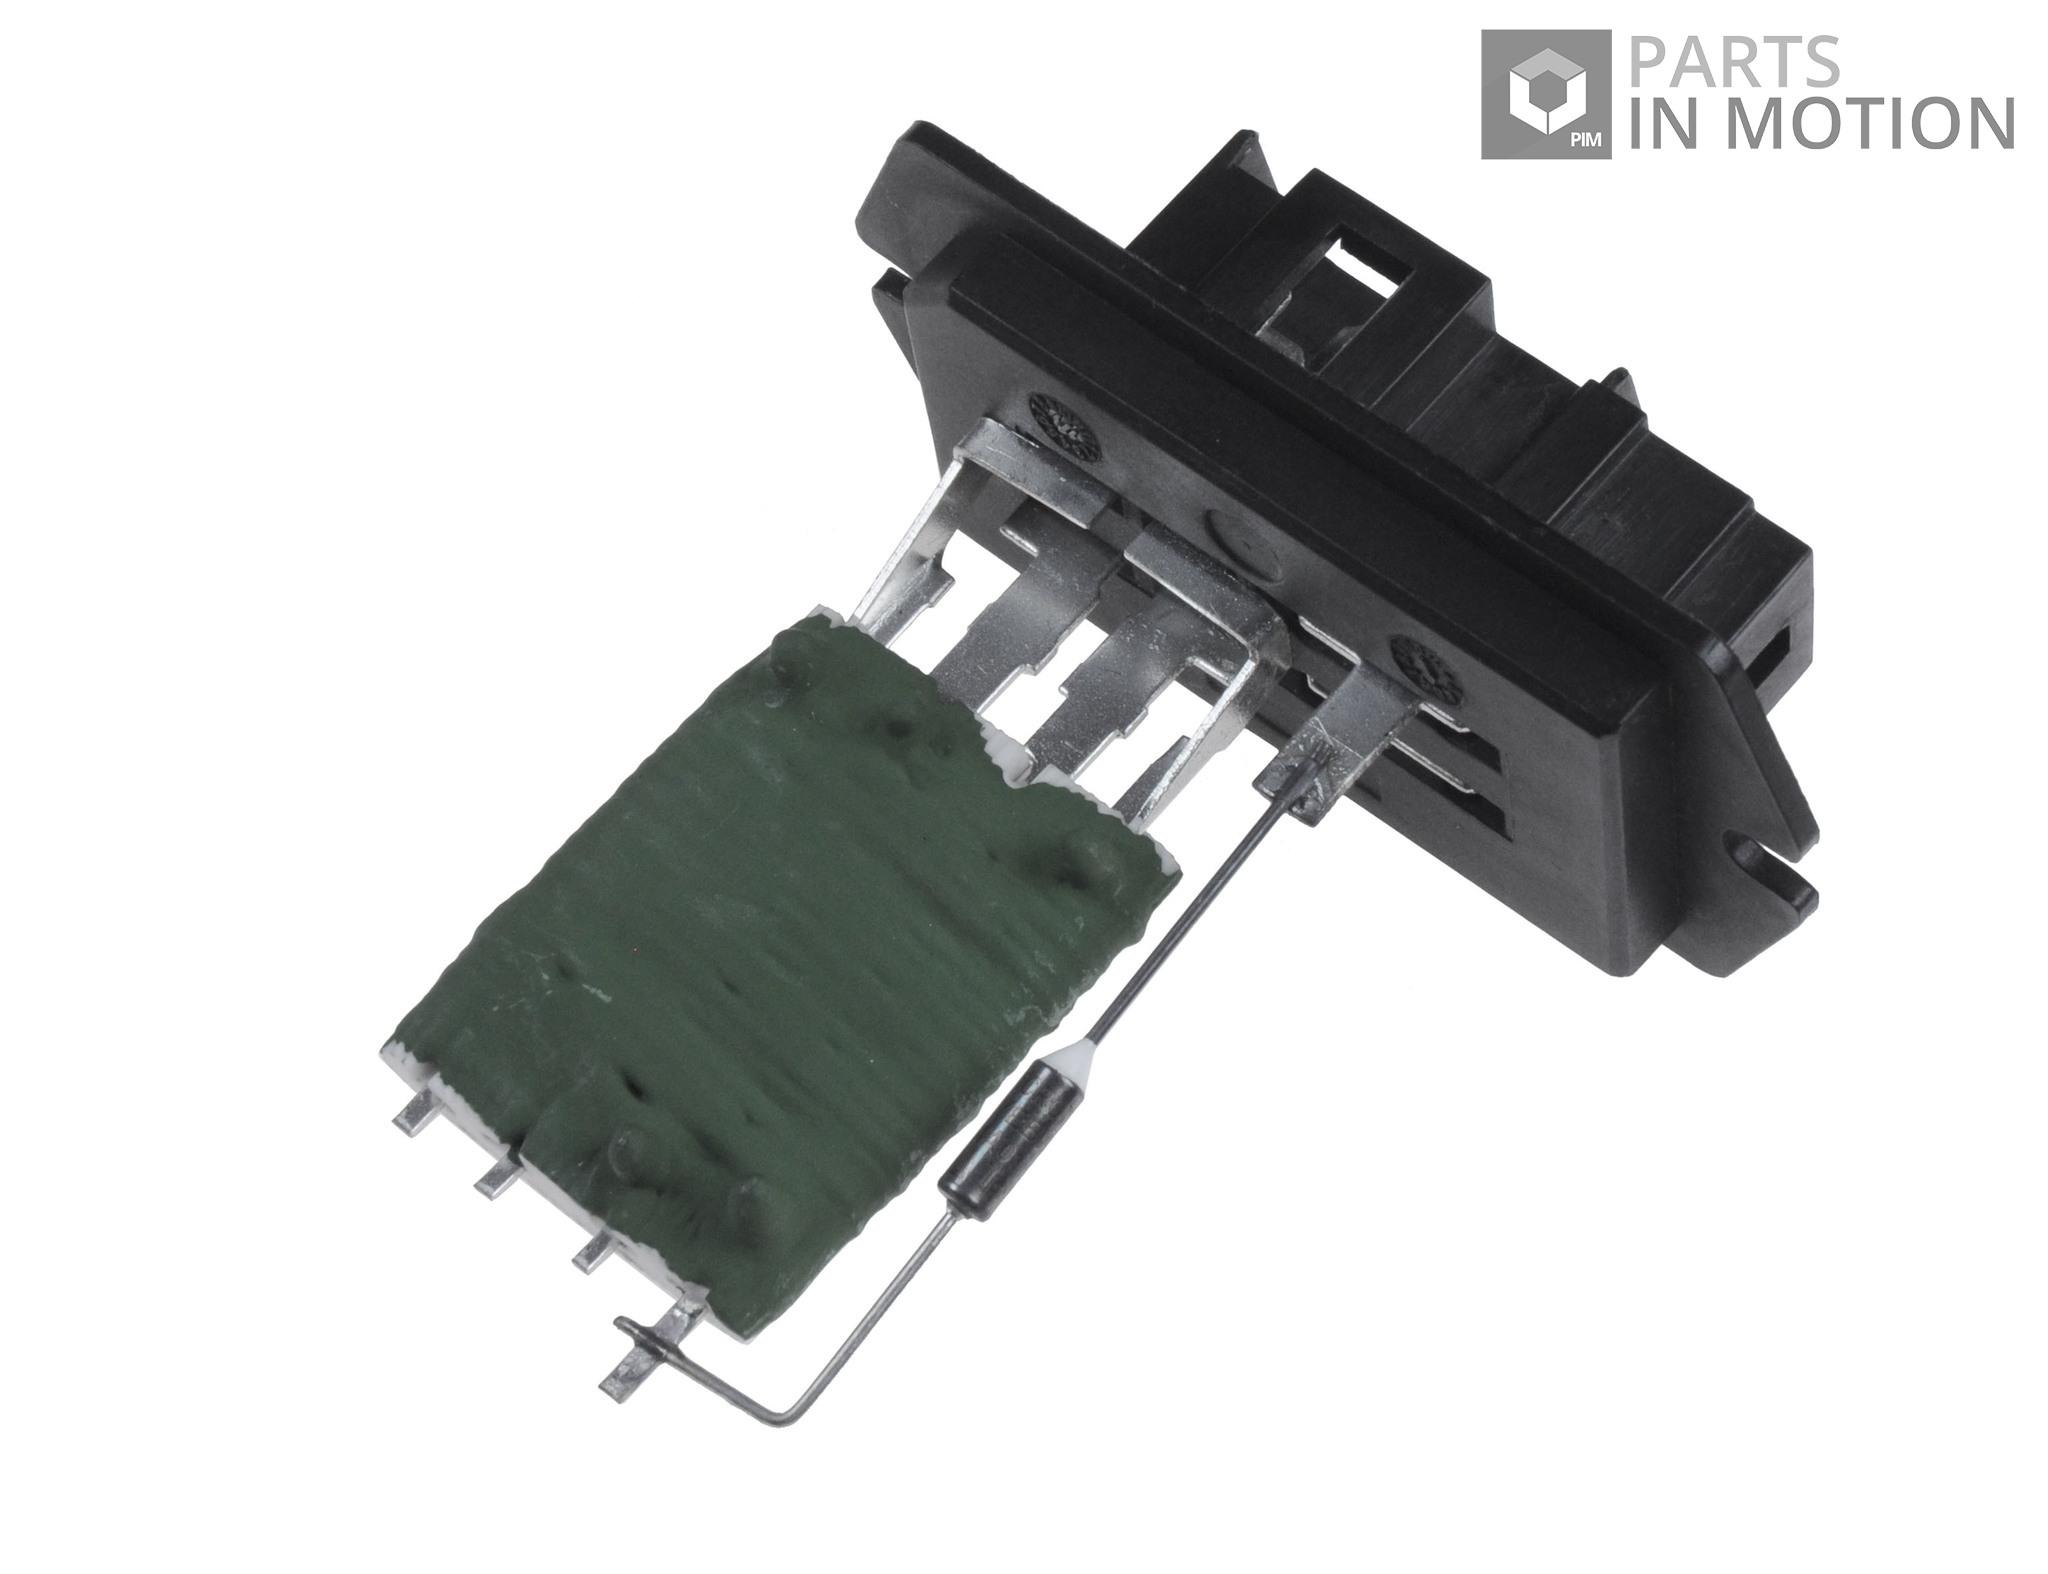 Blower Resistor fits BMW X5 E53 3.0 3.0D 00 to 06 Regulator Rheostat Heater